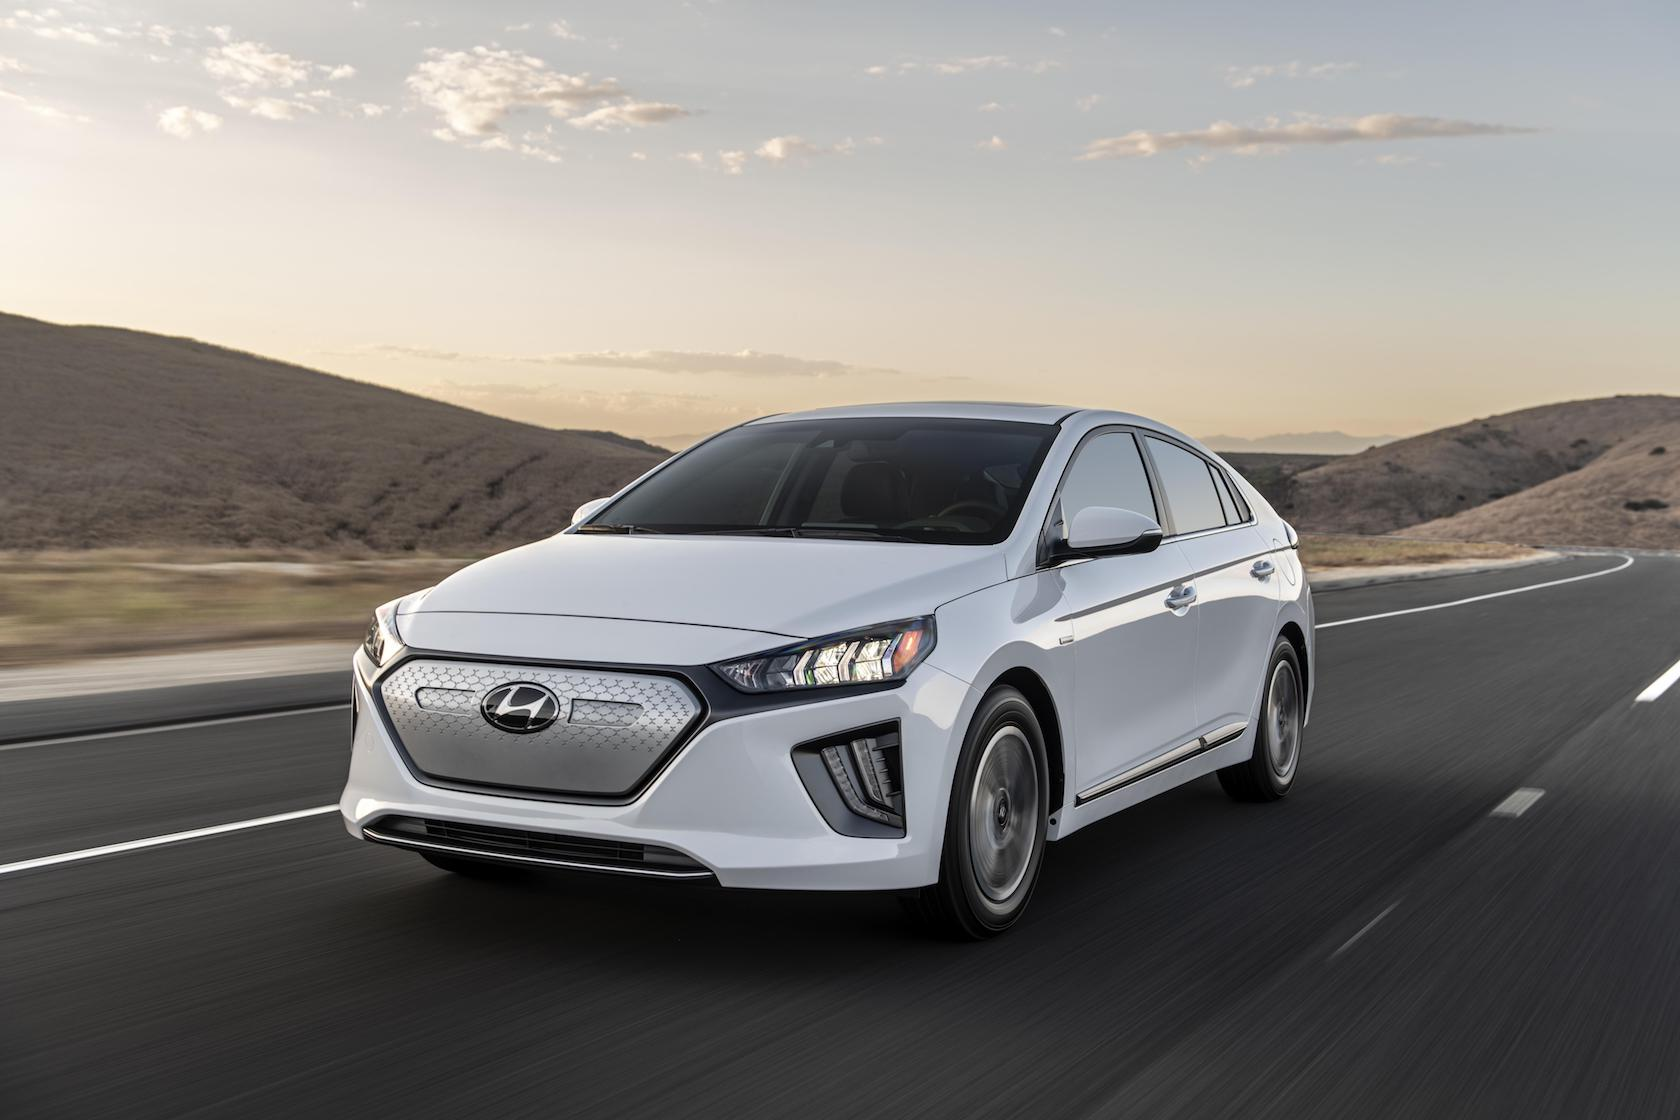 2020 hyundai ioniq electric range increase official ahead